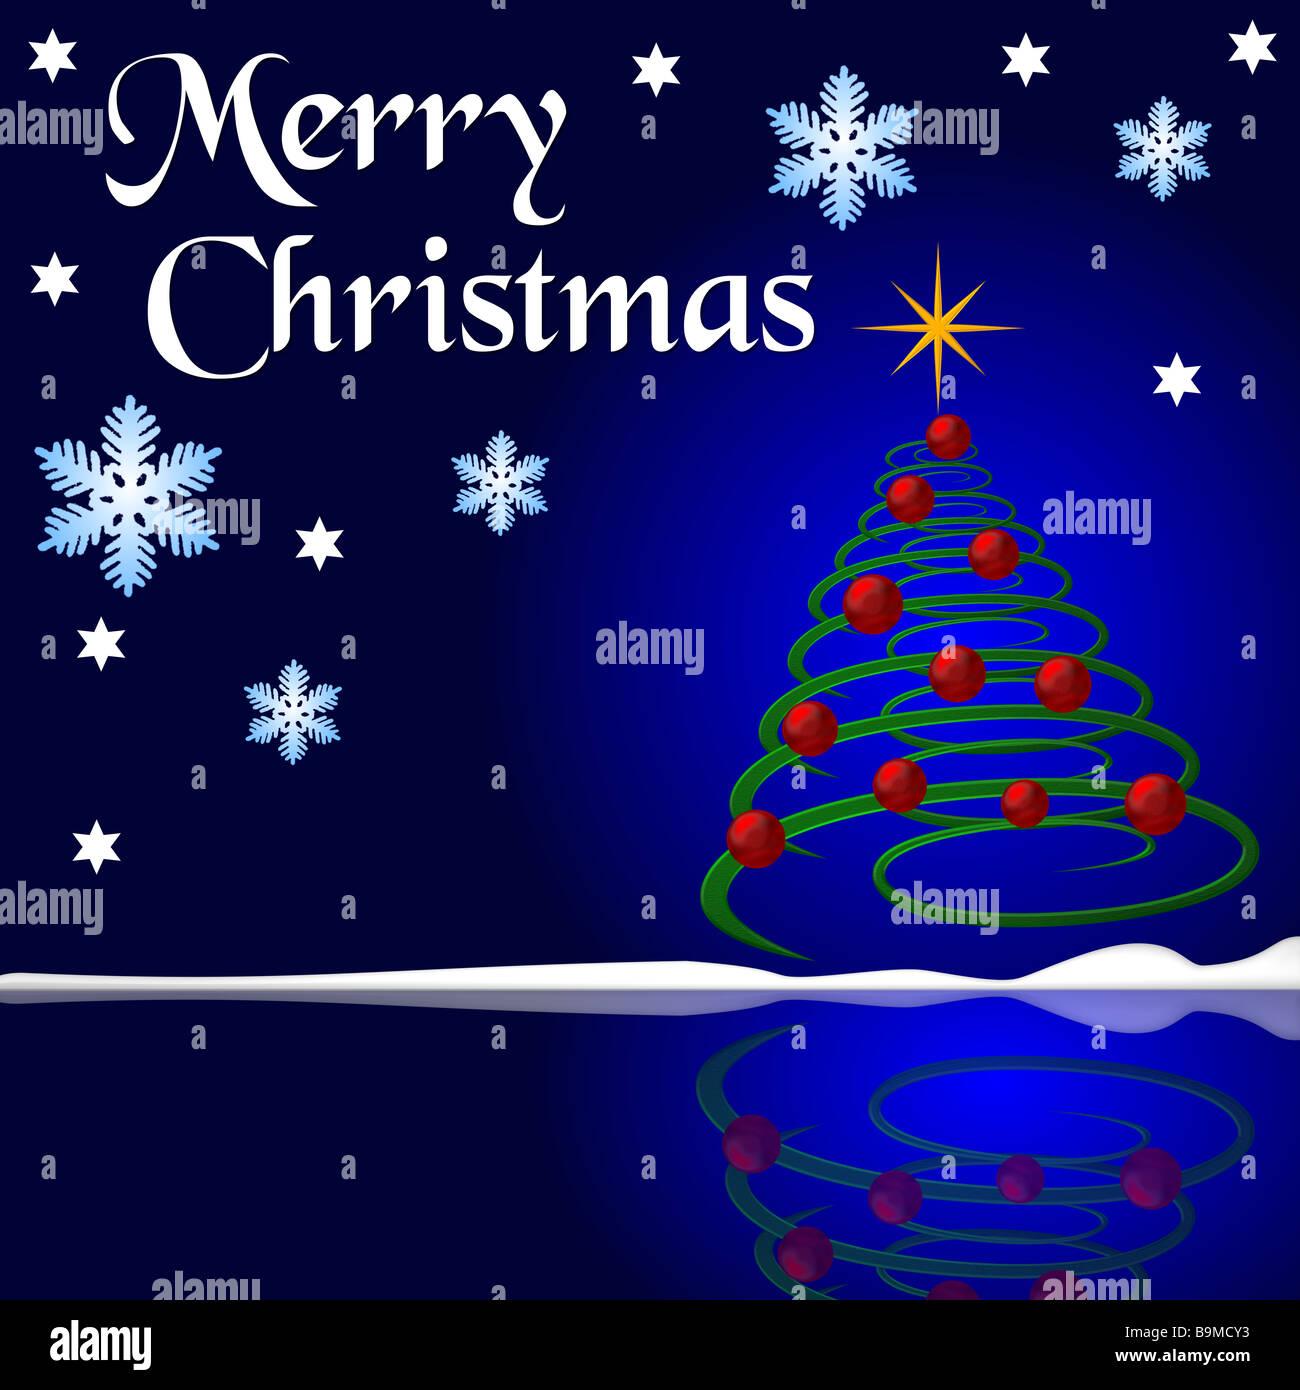 christmas card saying merry christmas Stock Photo